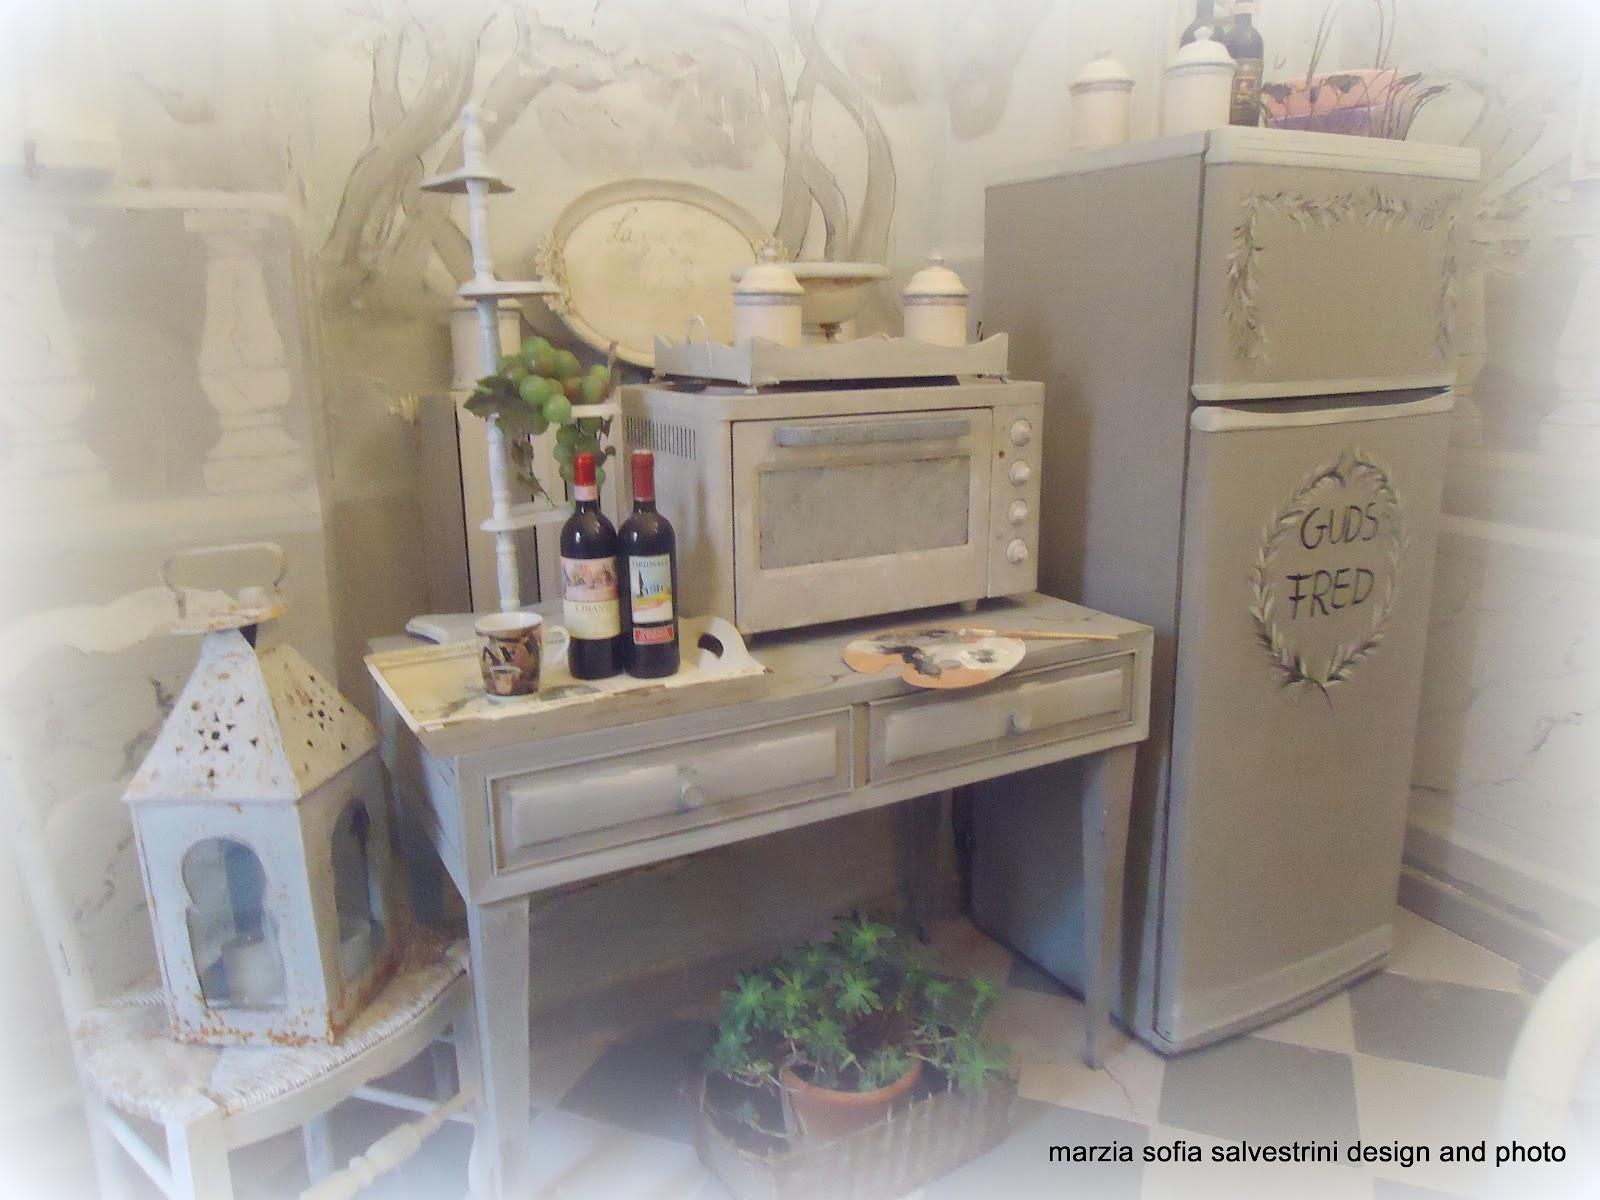 abbastanza Un vecchio frigo diventa Gustaviano, FN17